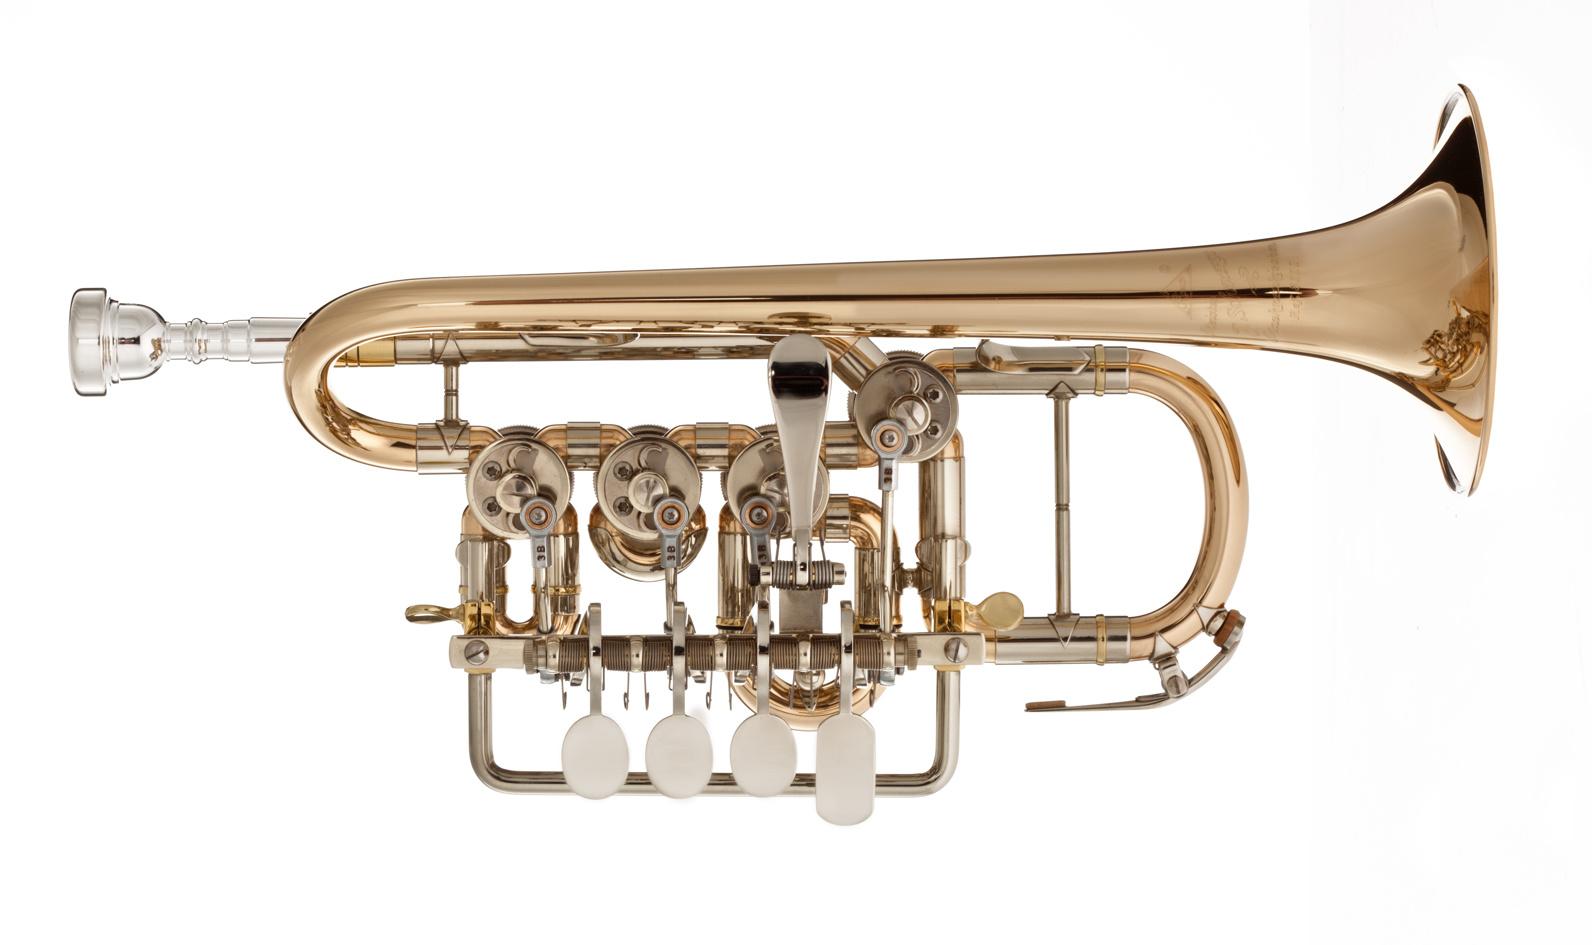 Scherzer Scherzer 8111G-1-0 Bb/A Rotary Piccolo Trumpet